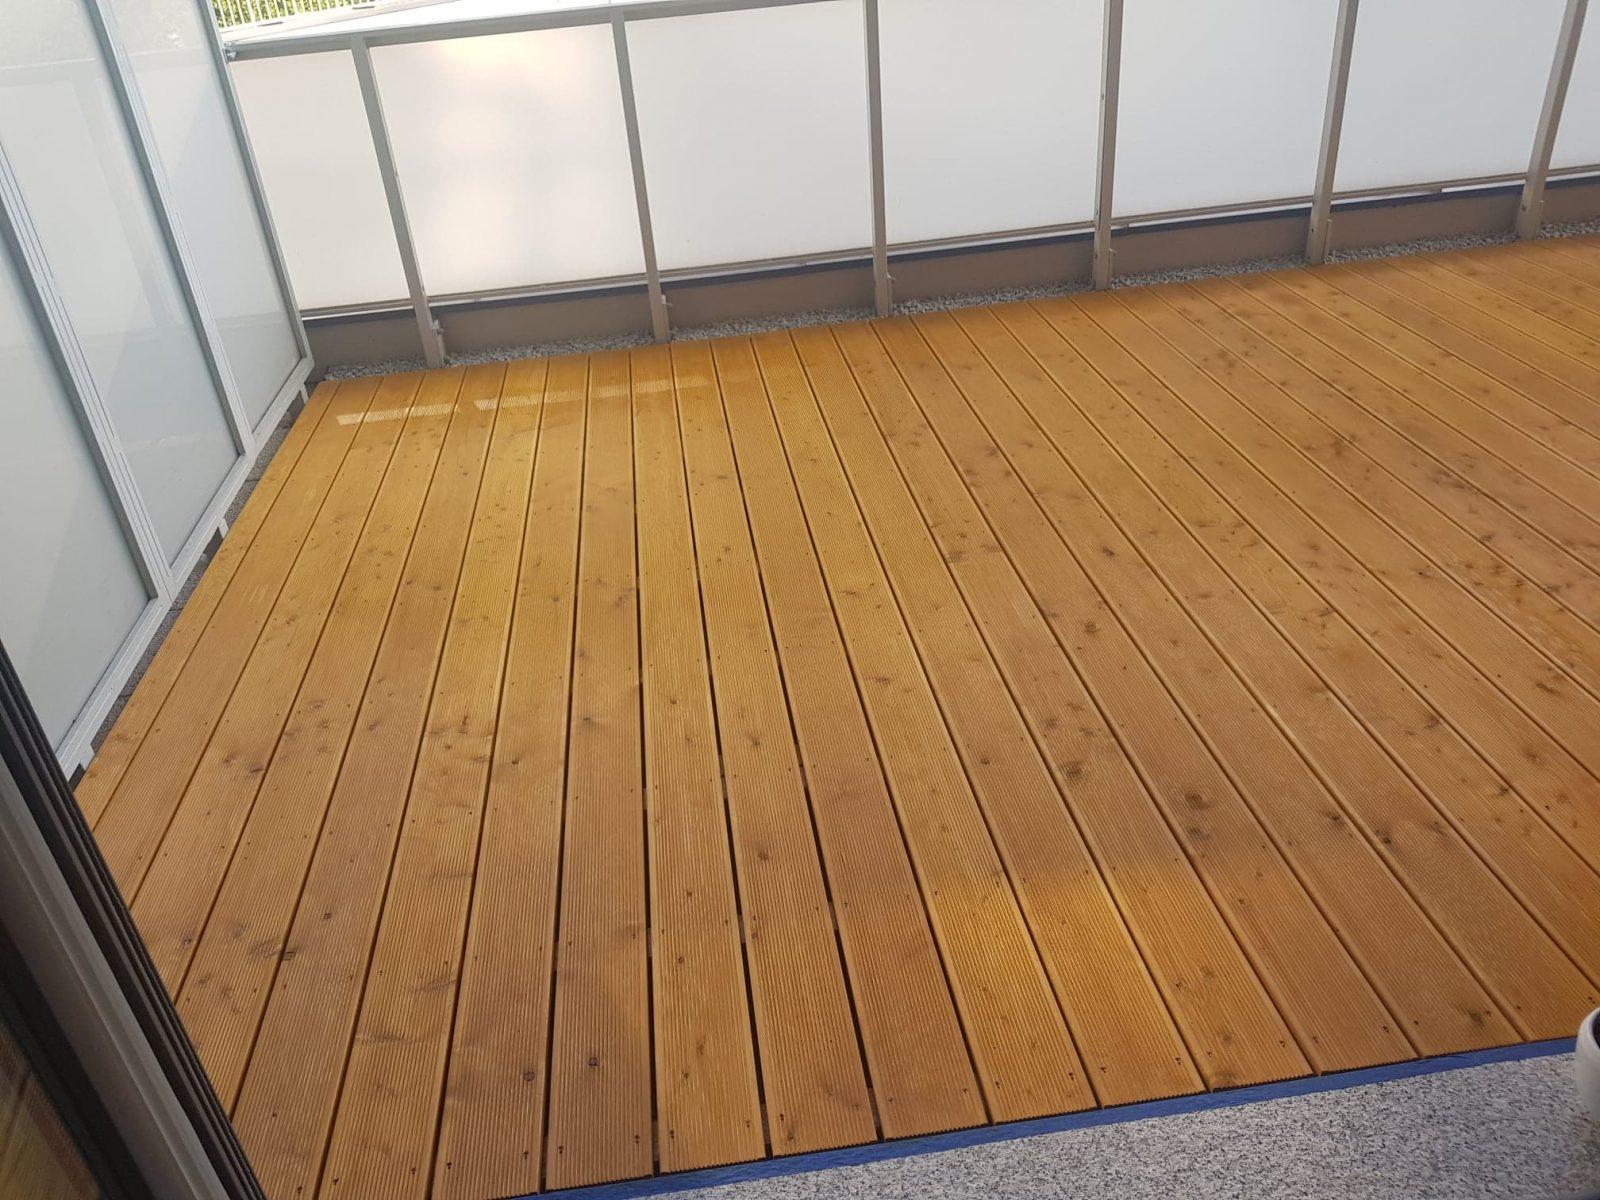 Taras drewniany na balkonie